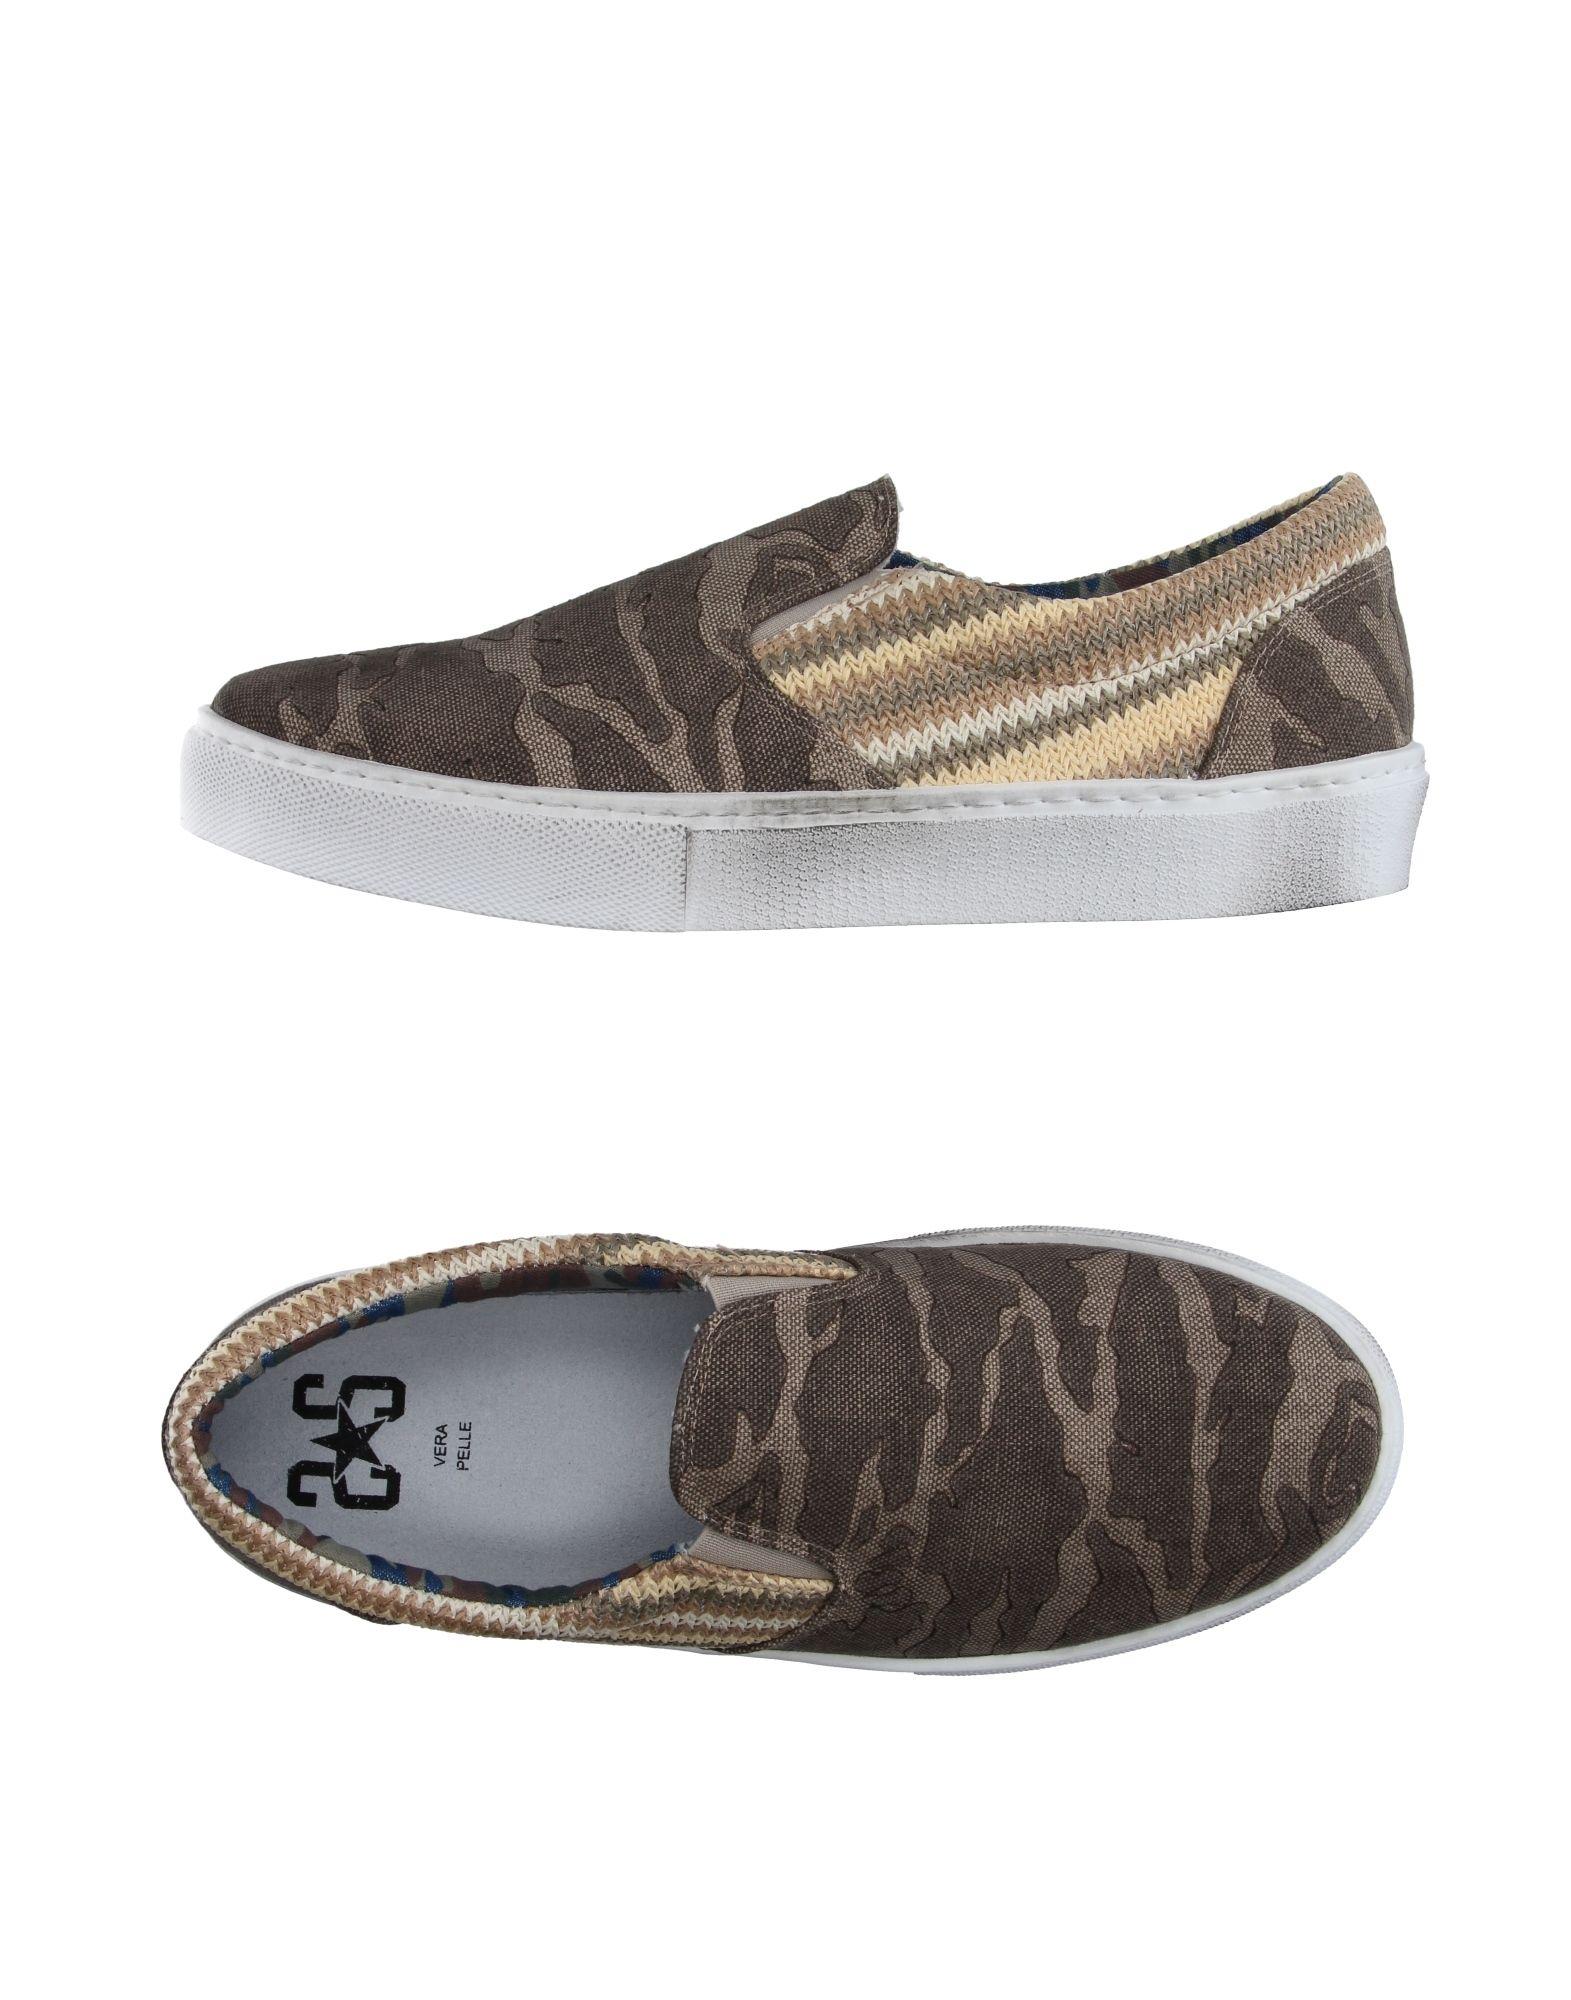 Rabatt echte Schuhe 2Star Herren Sneakers Herren 2Star  11132440PT 22cda1